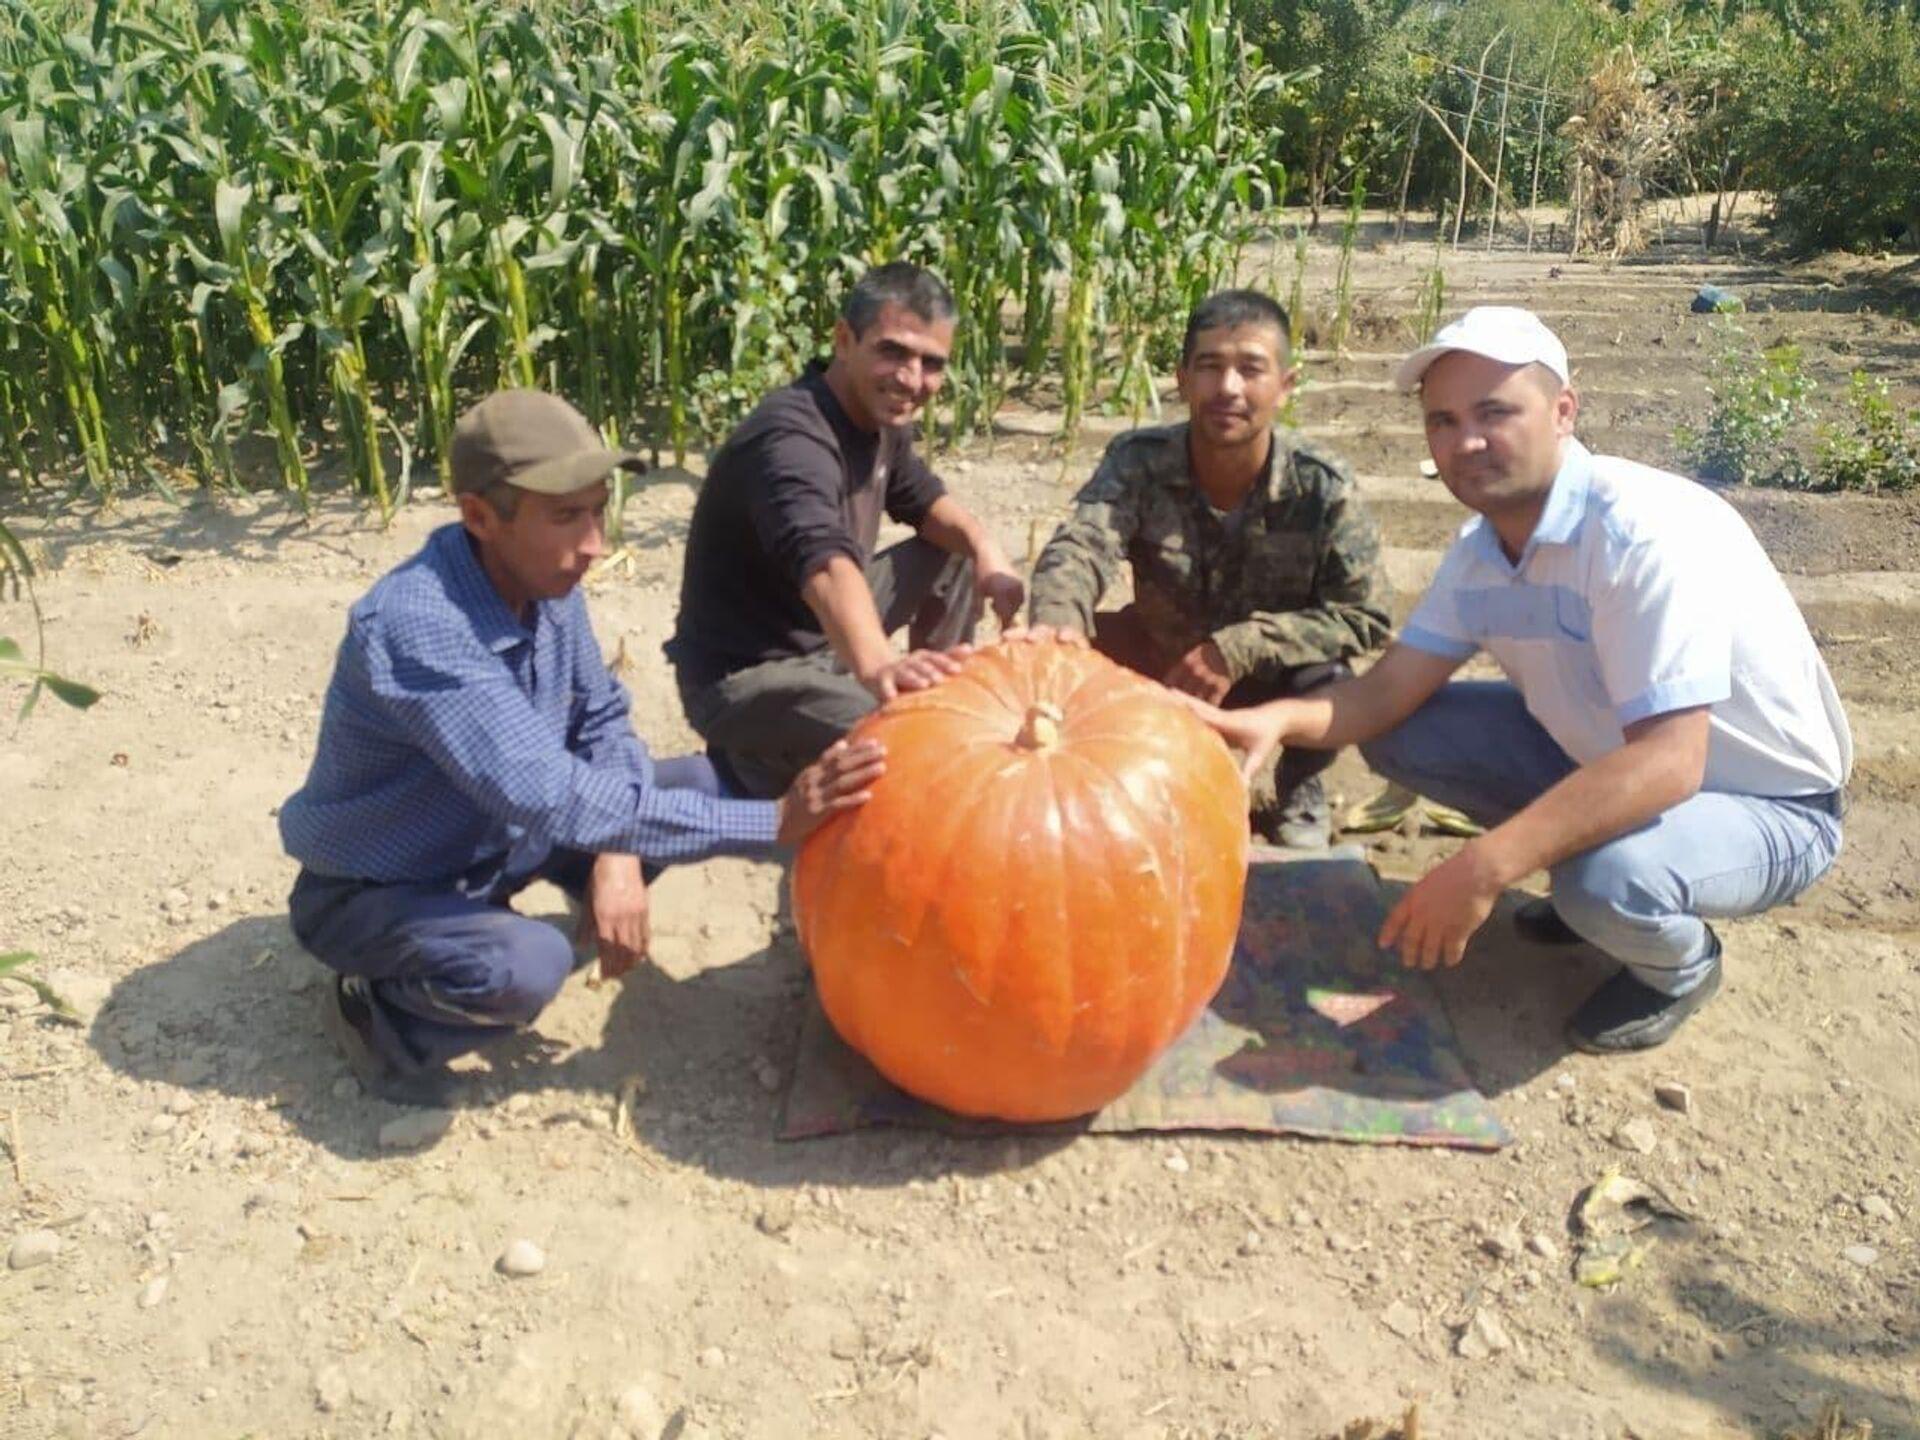 В Наманганской области фермеры вырастили большую тыкву - Sputnik Узбекистан, 1920, 24.09.2021